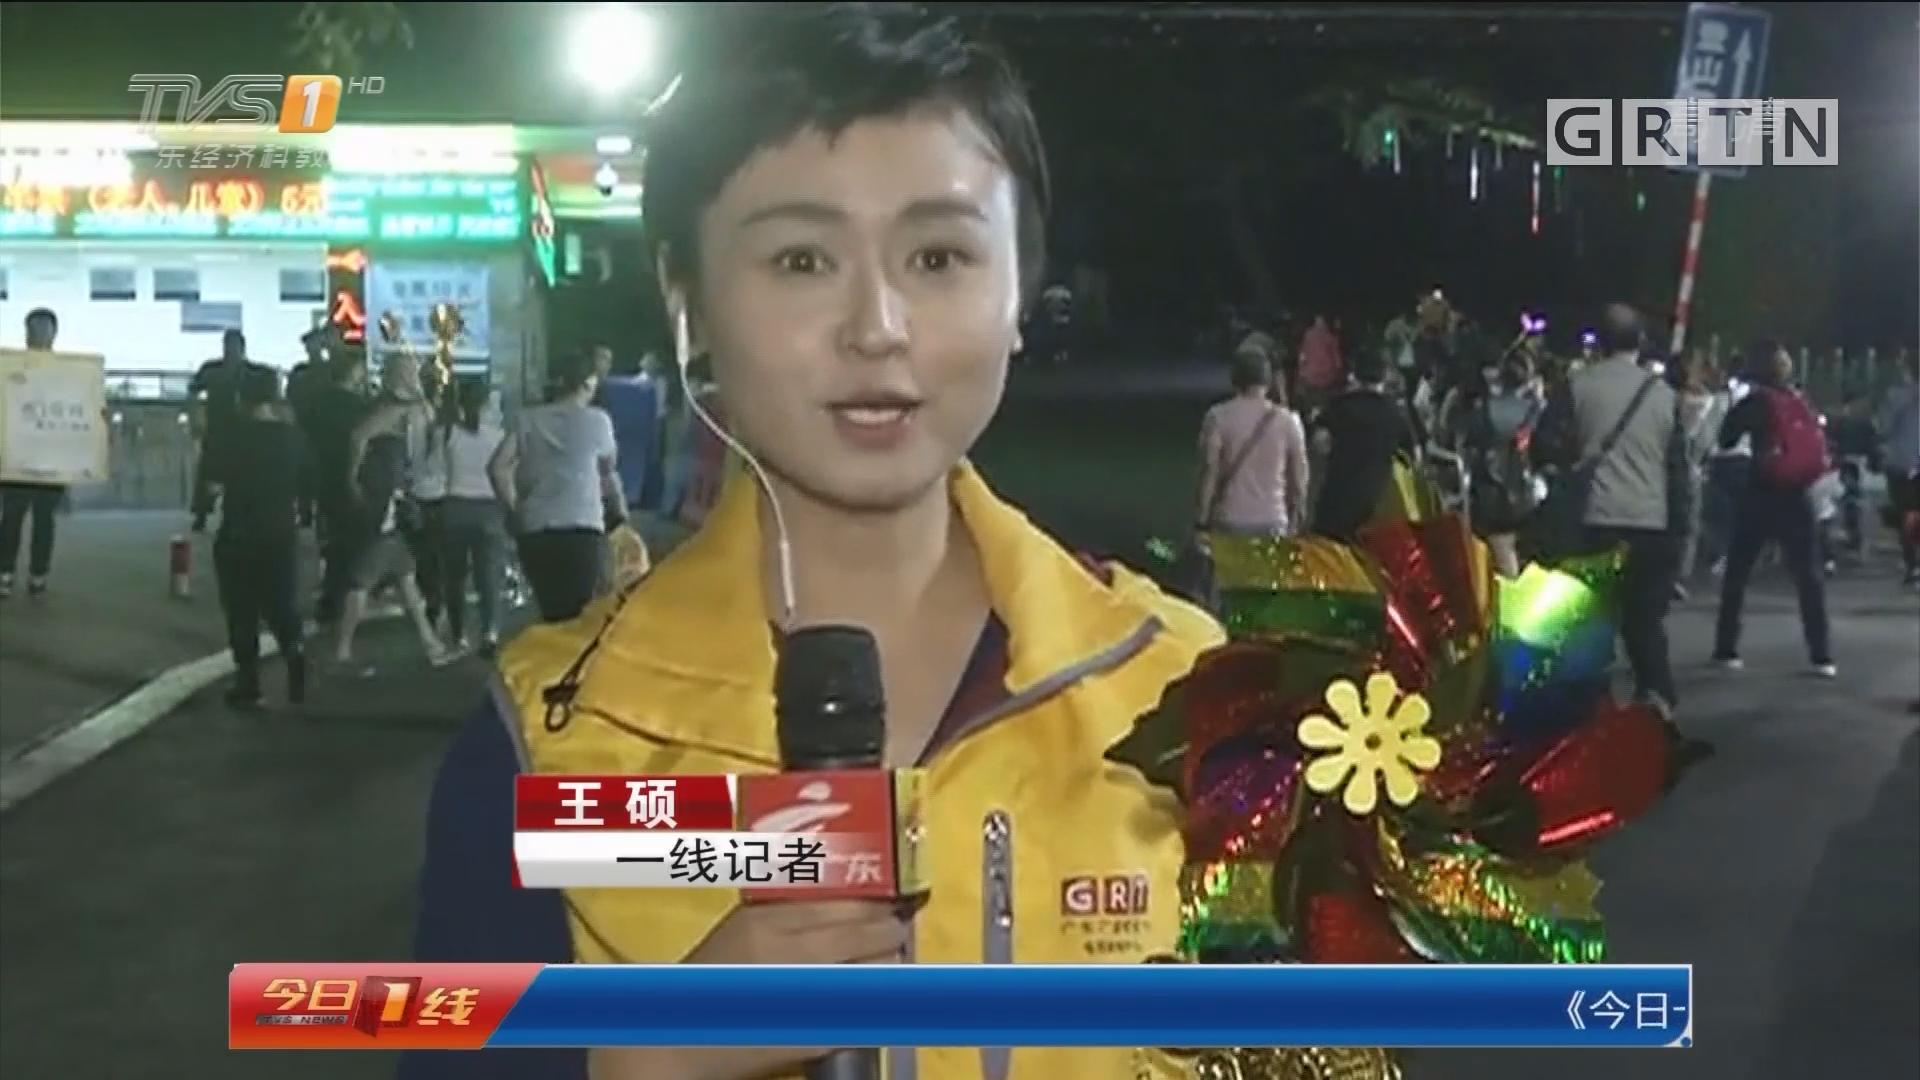 广州白云山:与往年同期相比 人流量不算大